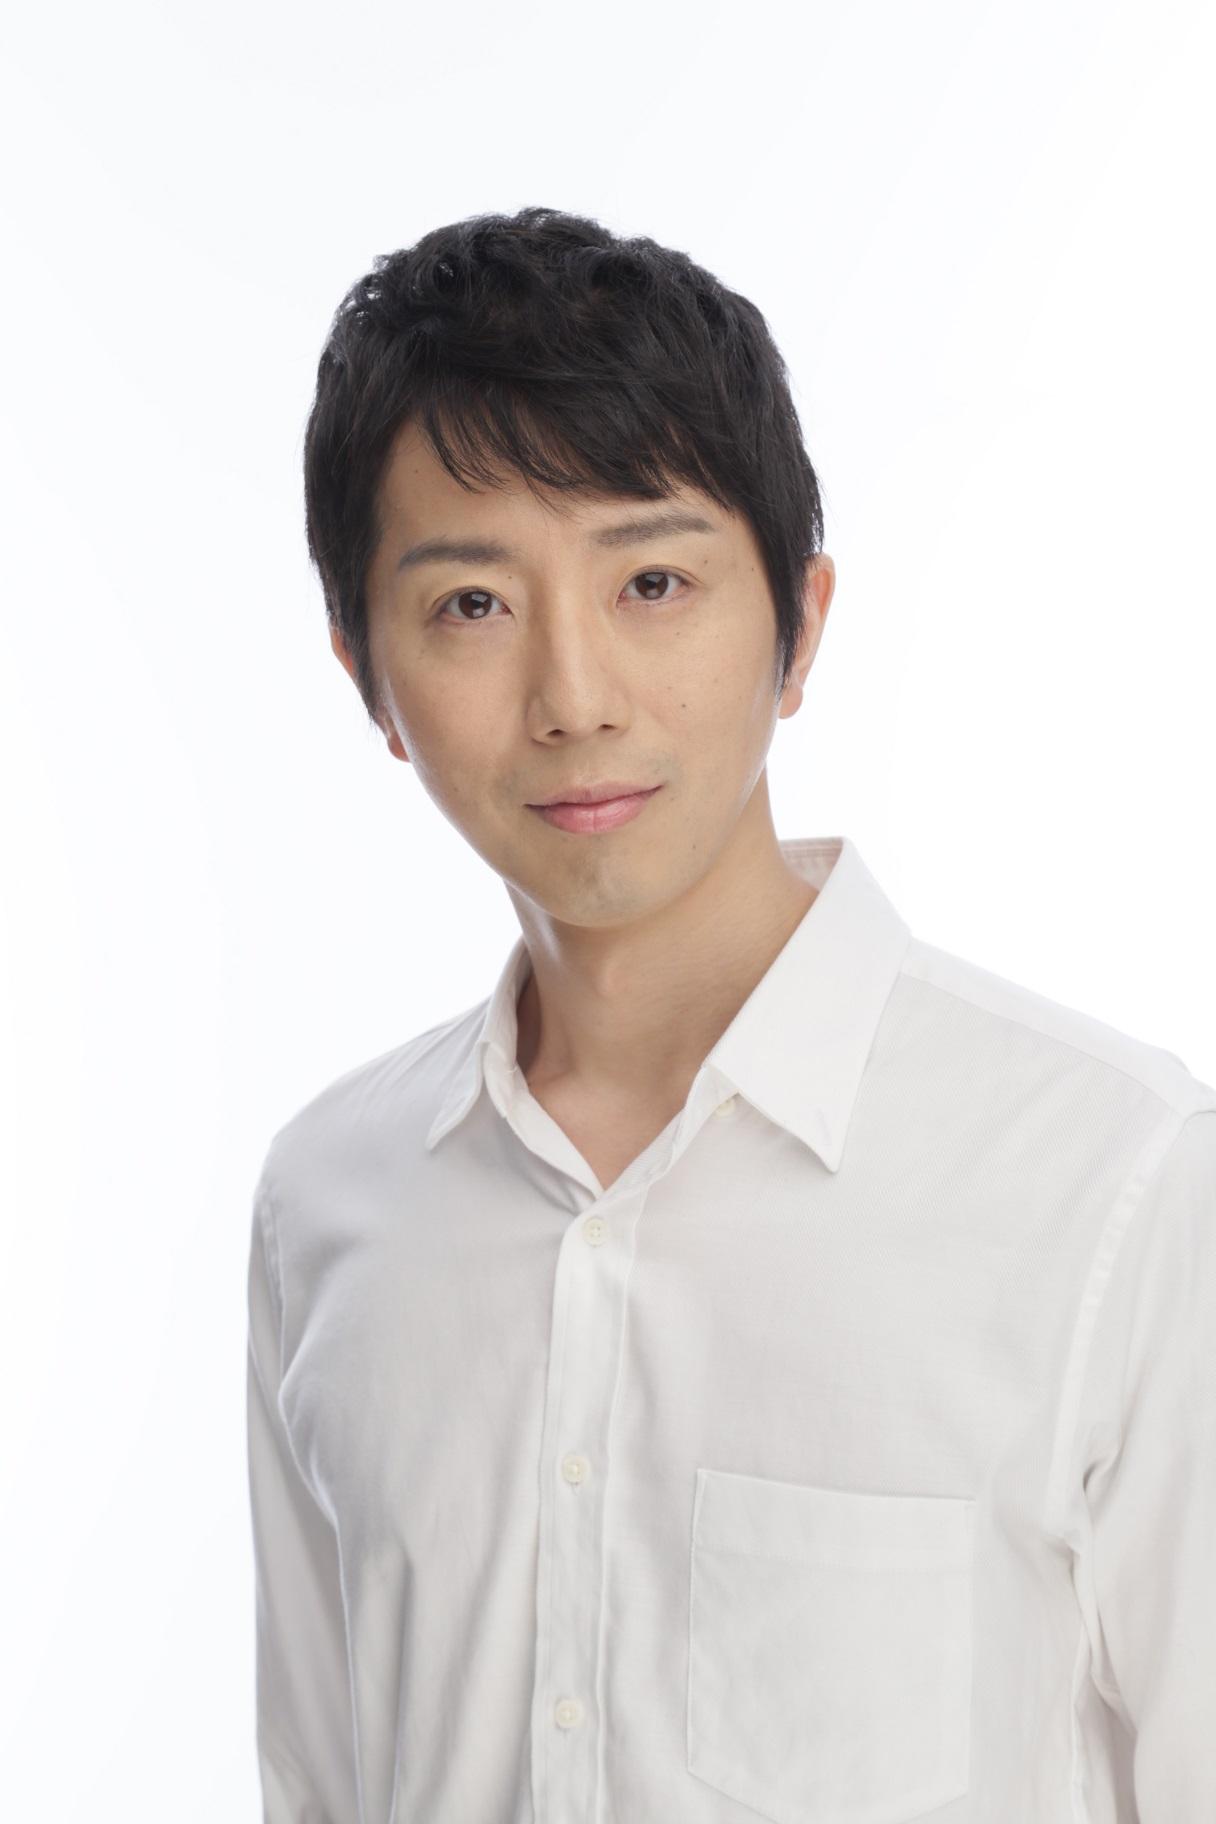 正木郁が主演続投、シリーズ最新作「ABSO-METAL2」が2021年2月上演 イメージ画像